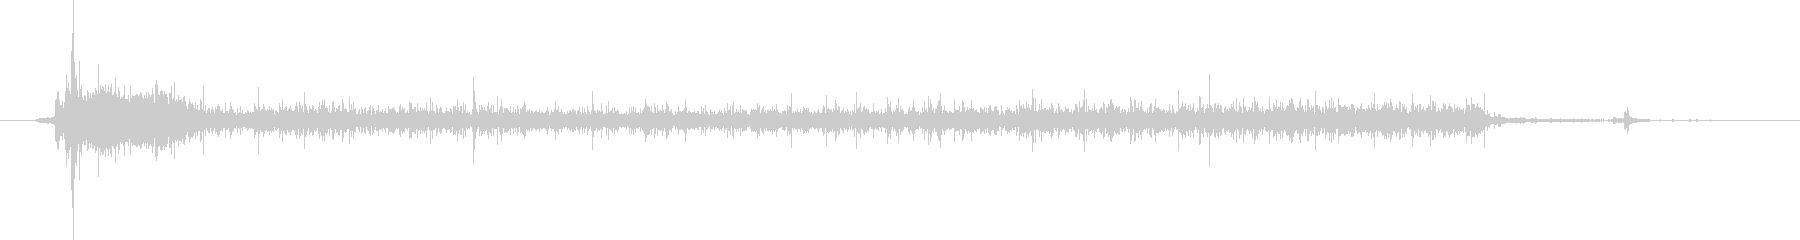 水 タップフローミディアムロング04の未再生の波形